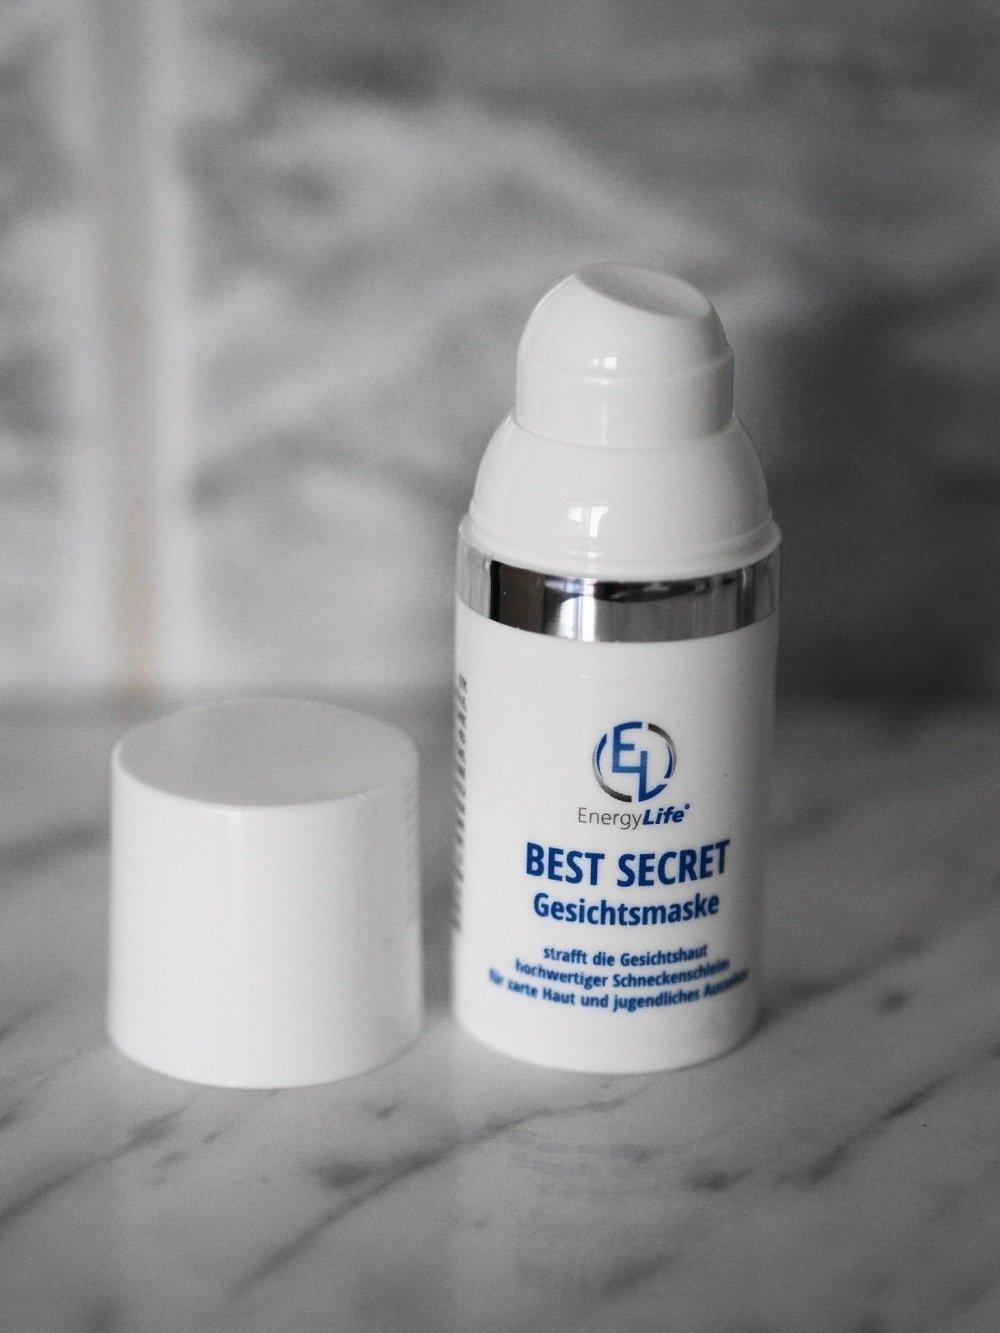 Heute stelle ich euch die luxuriöse und exklusive Hautpflege von BEST SECRET von Energy Life mit hochwertigem Schneckensekret auf dem Blog ausführlich vor